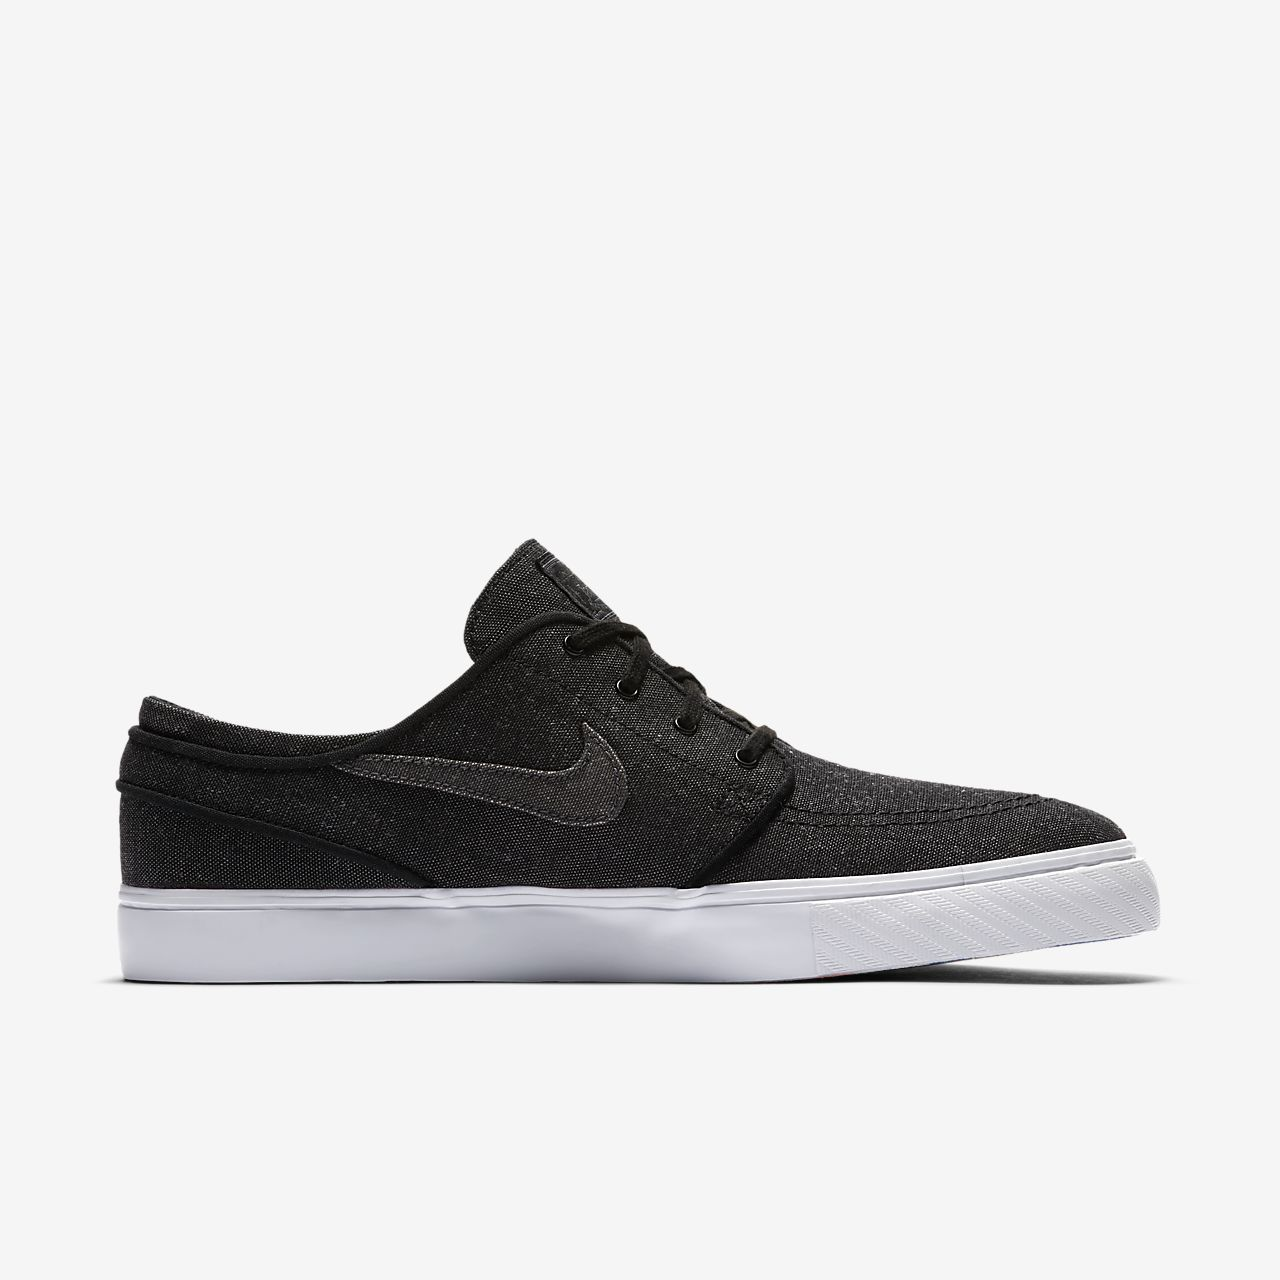 Hommes Nike Chaussures Stefan Janoski Australie En Ligne dégagement 100% original tTkID2oG